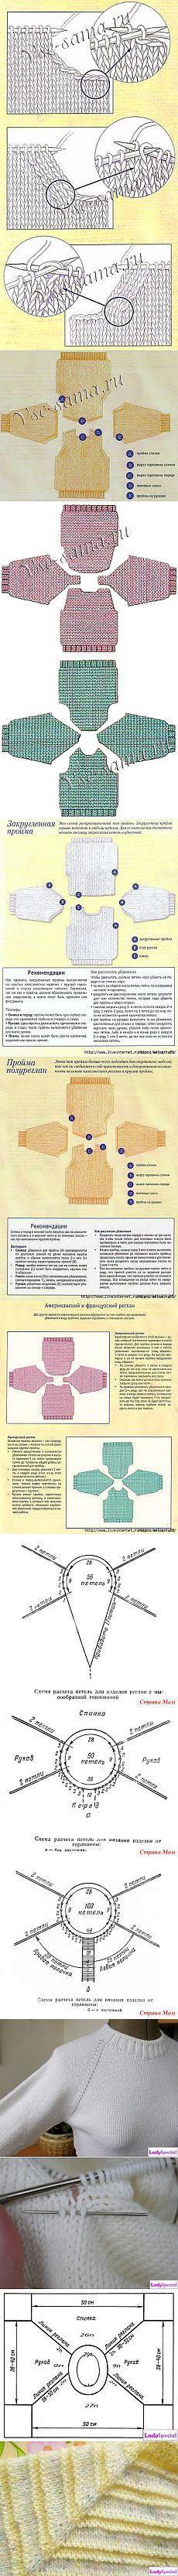 Маргарита Боркина: Вязание -все о реглане,вывязывании и обработка горловины и рукава   Постила